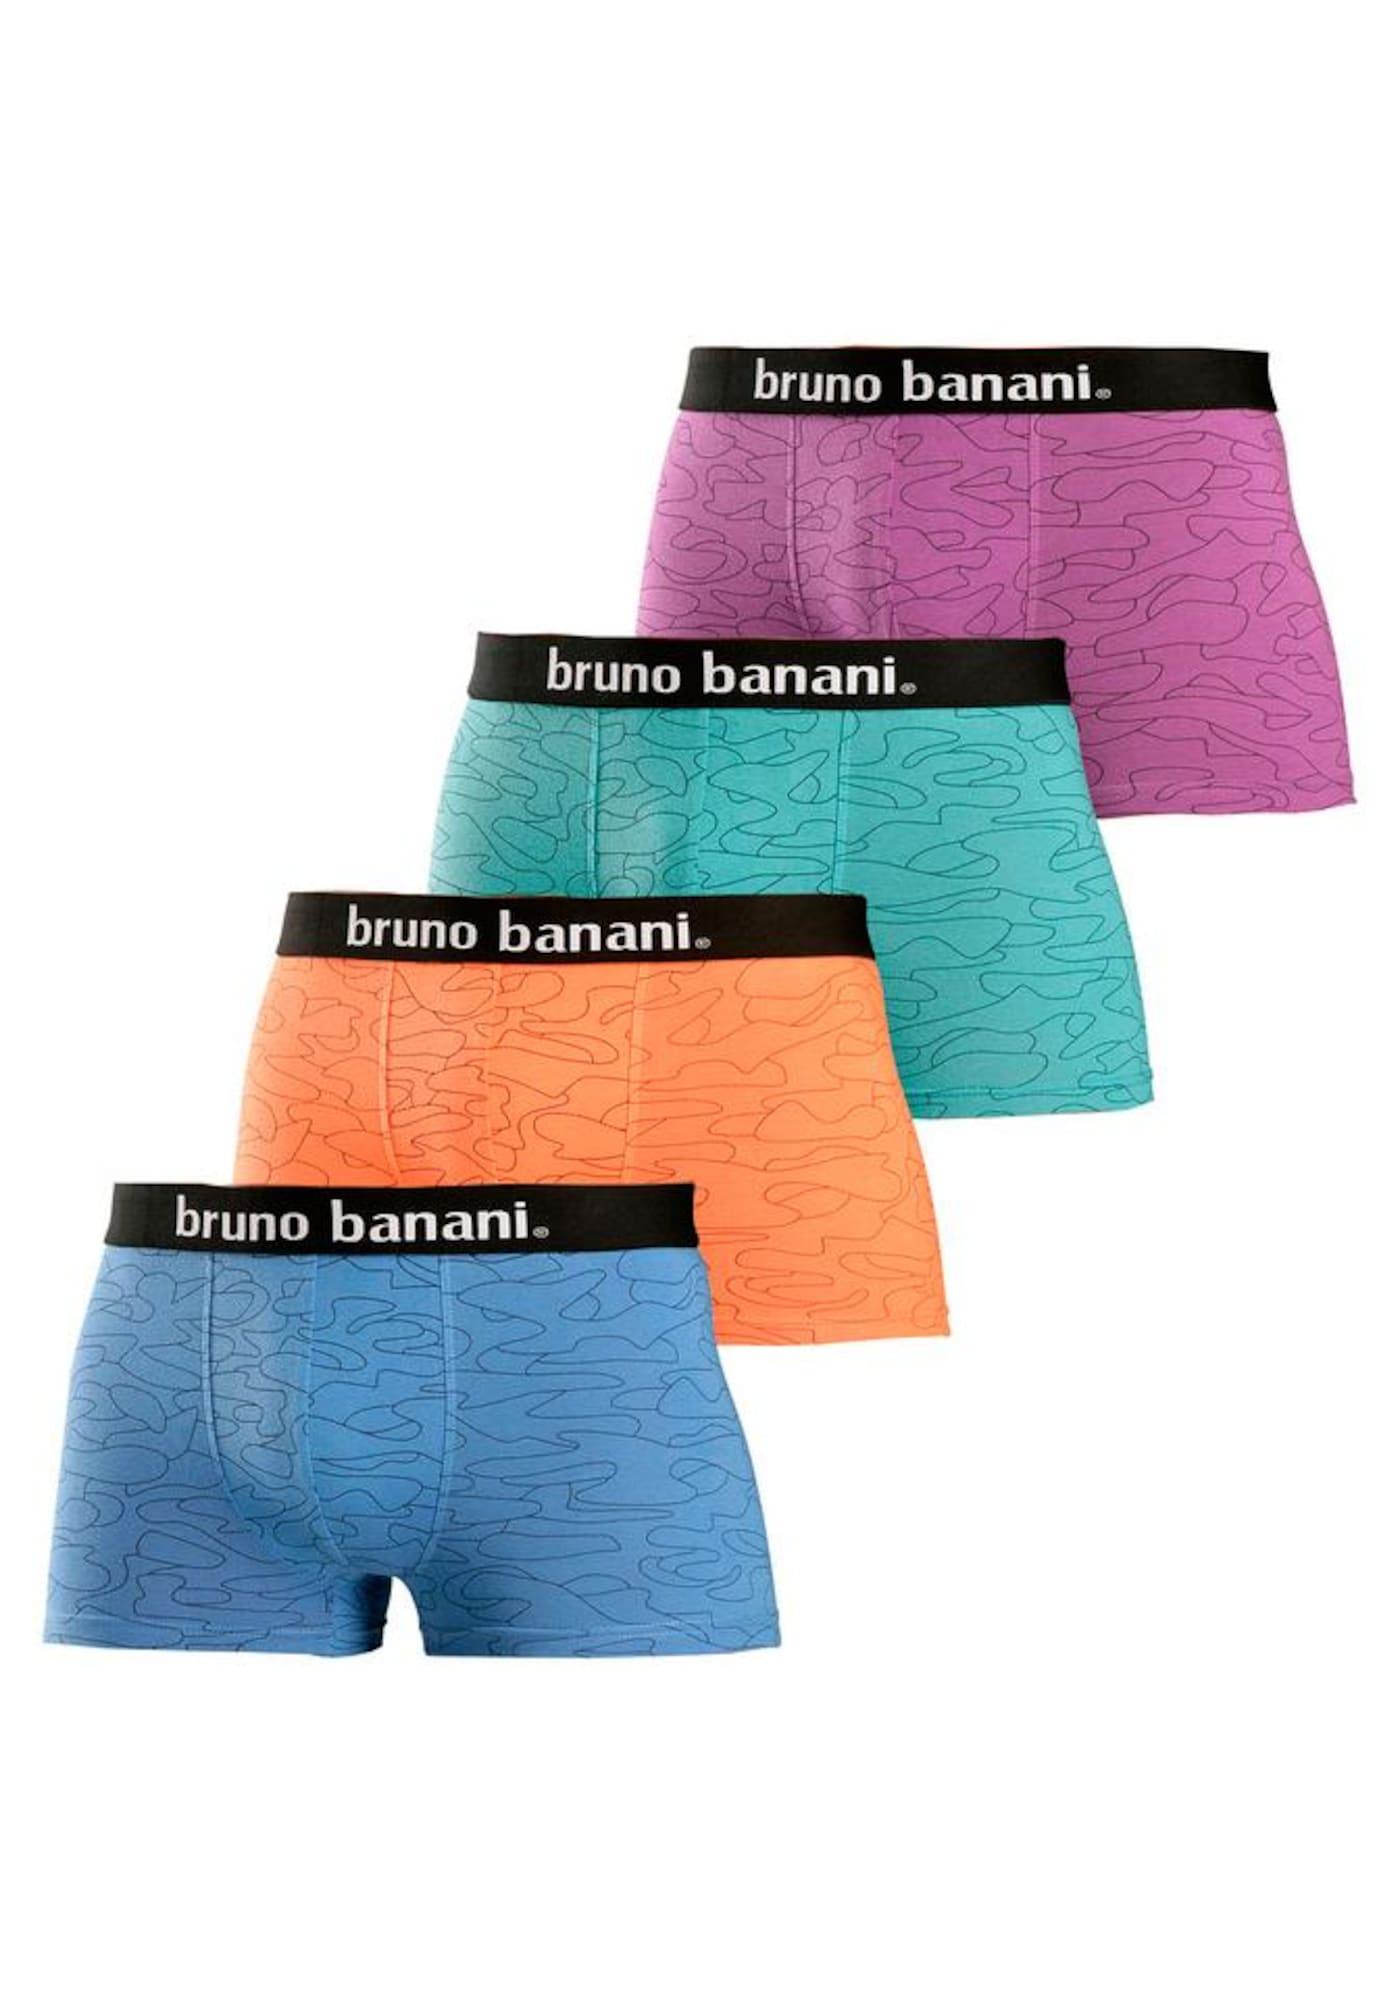 BRUNO BANANI Boxer trumpikės mėlyna / nefrito spalva / purpurinė / oranžinė